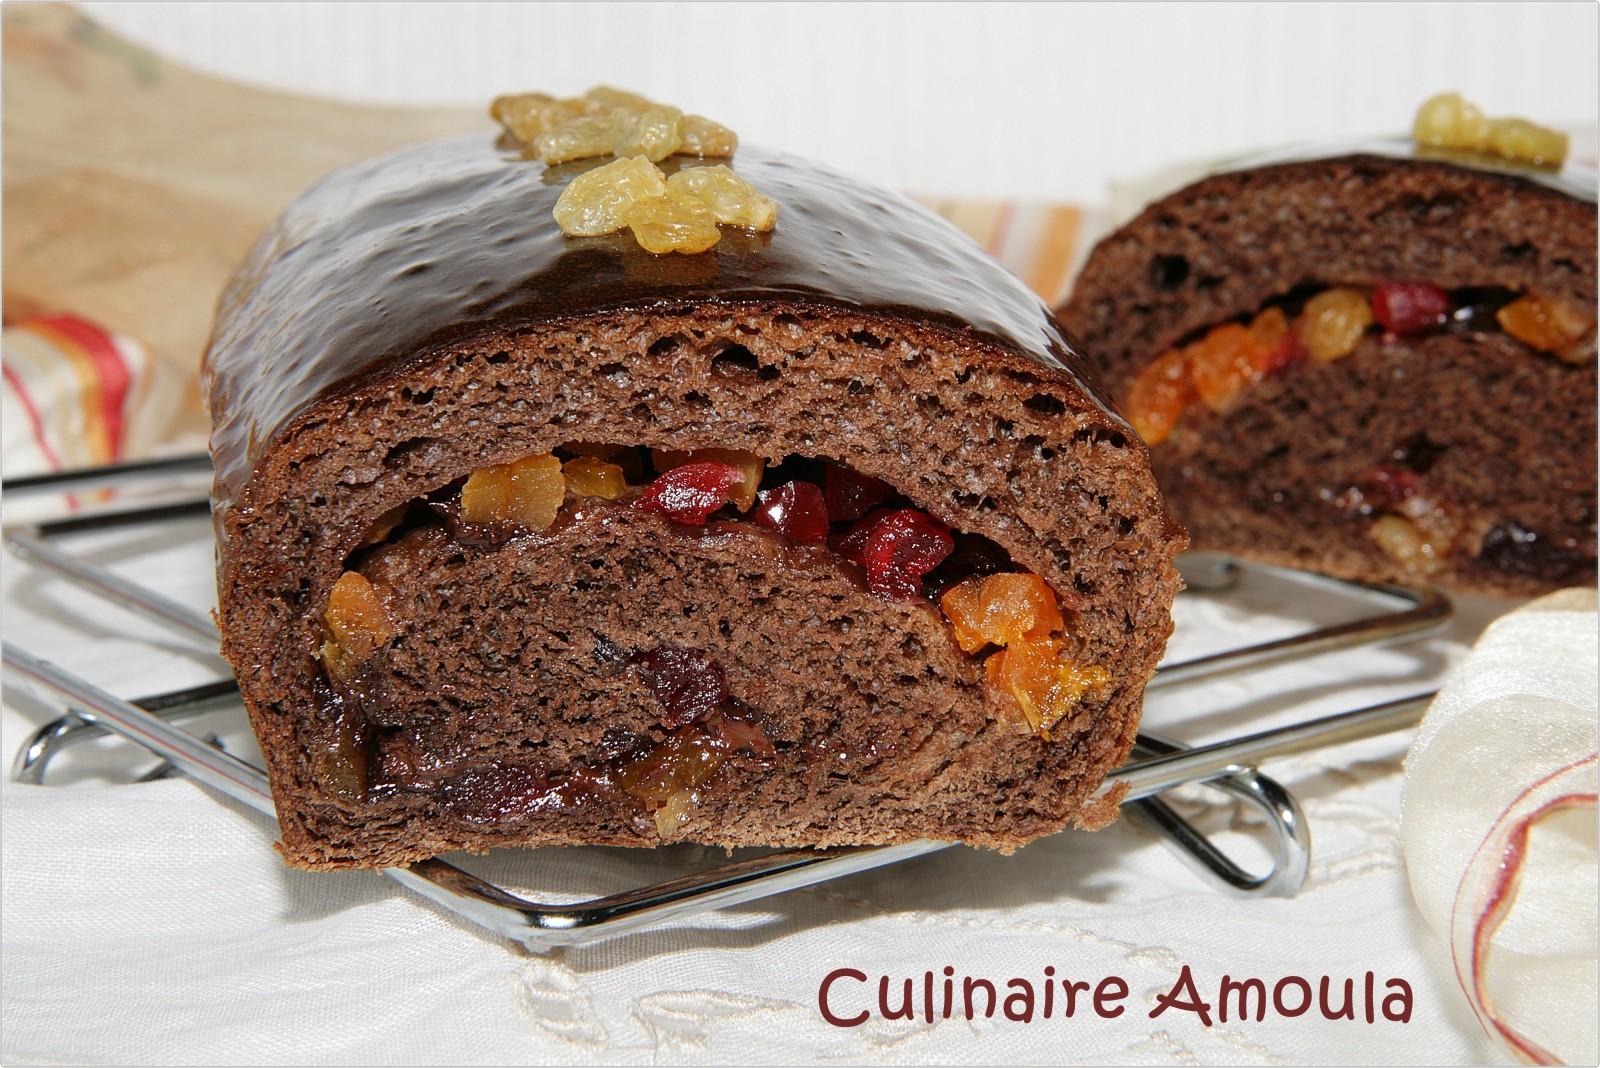 Brioche aux fruits secs et au chocolat  http://www.culinaireamoula.com/article-brioche-aux-fruits-secs-et-au-chocolat-119538077.html